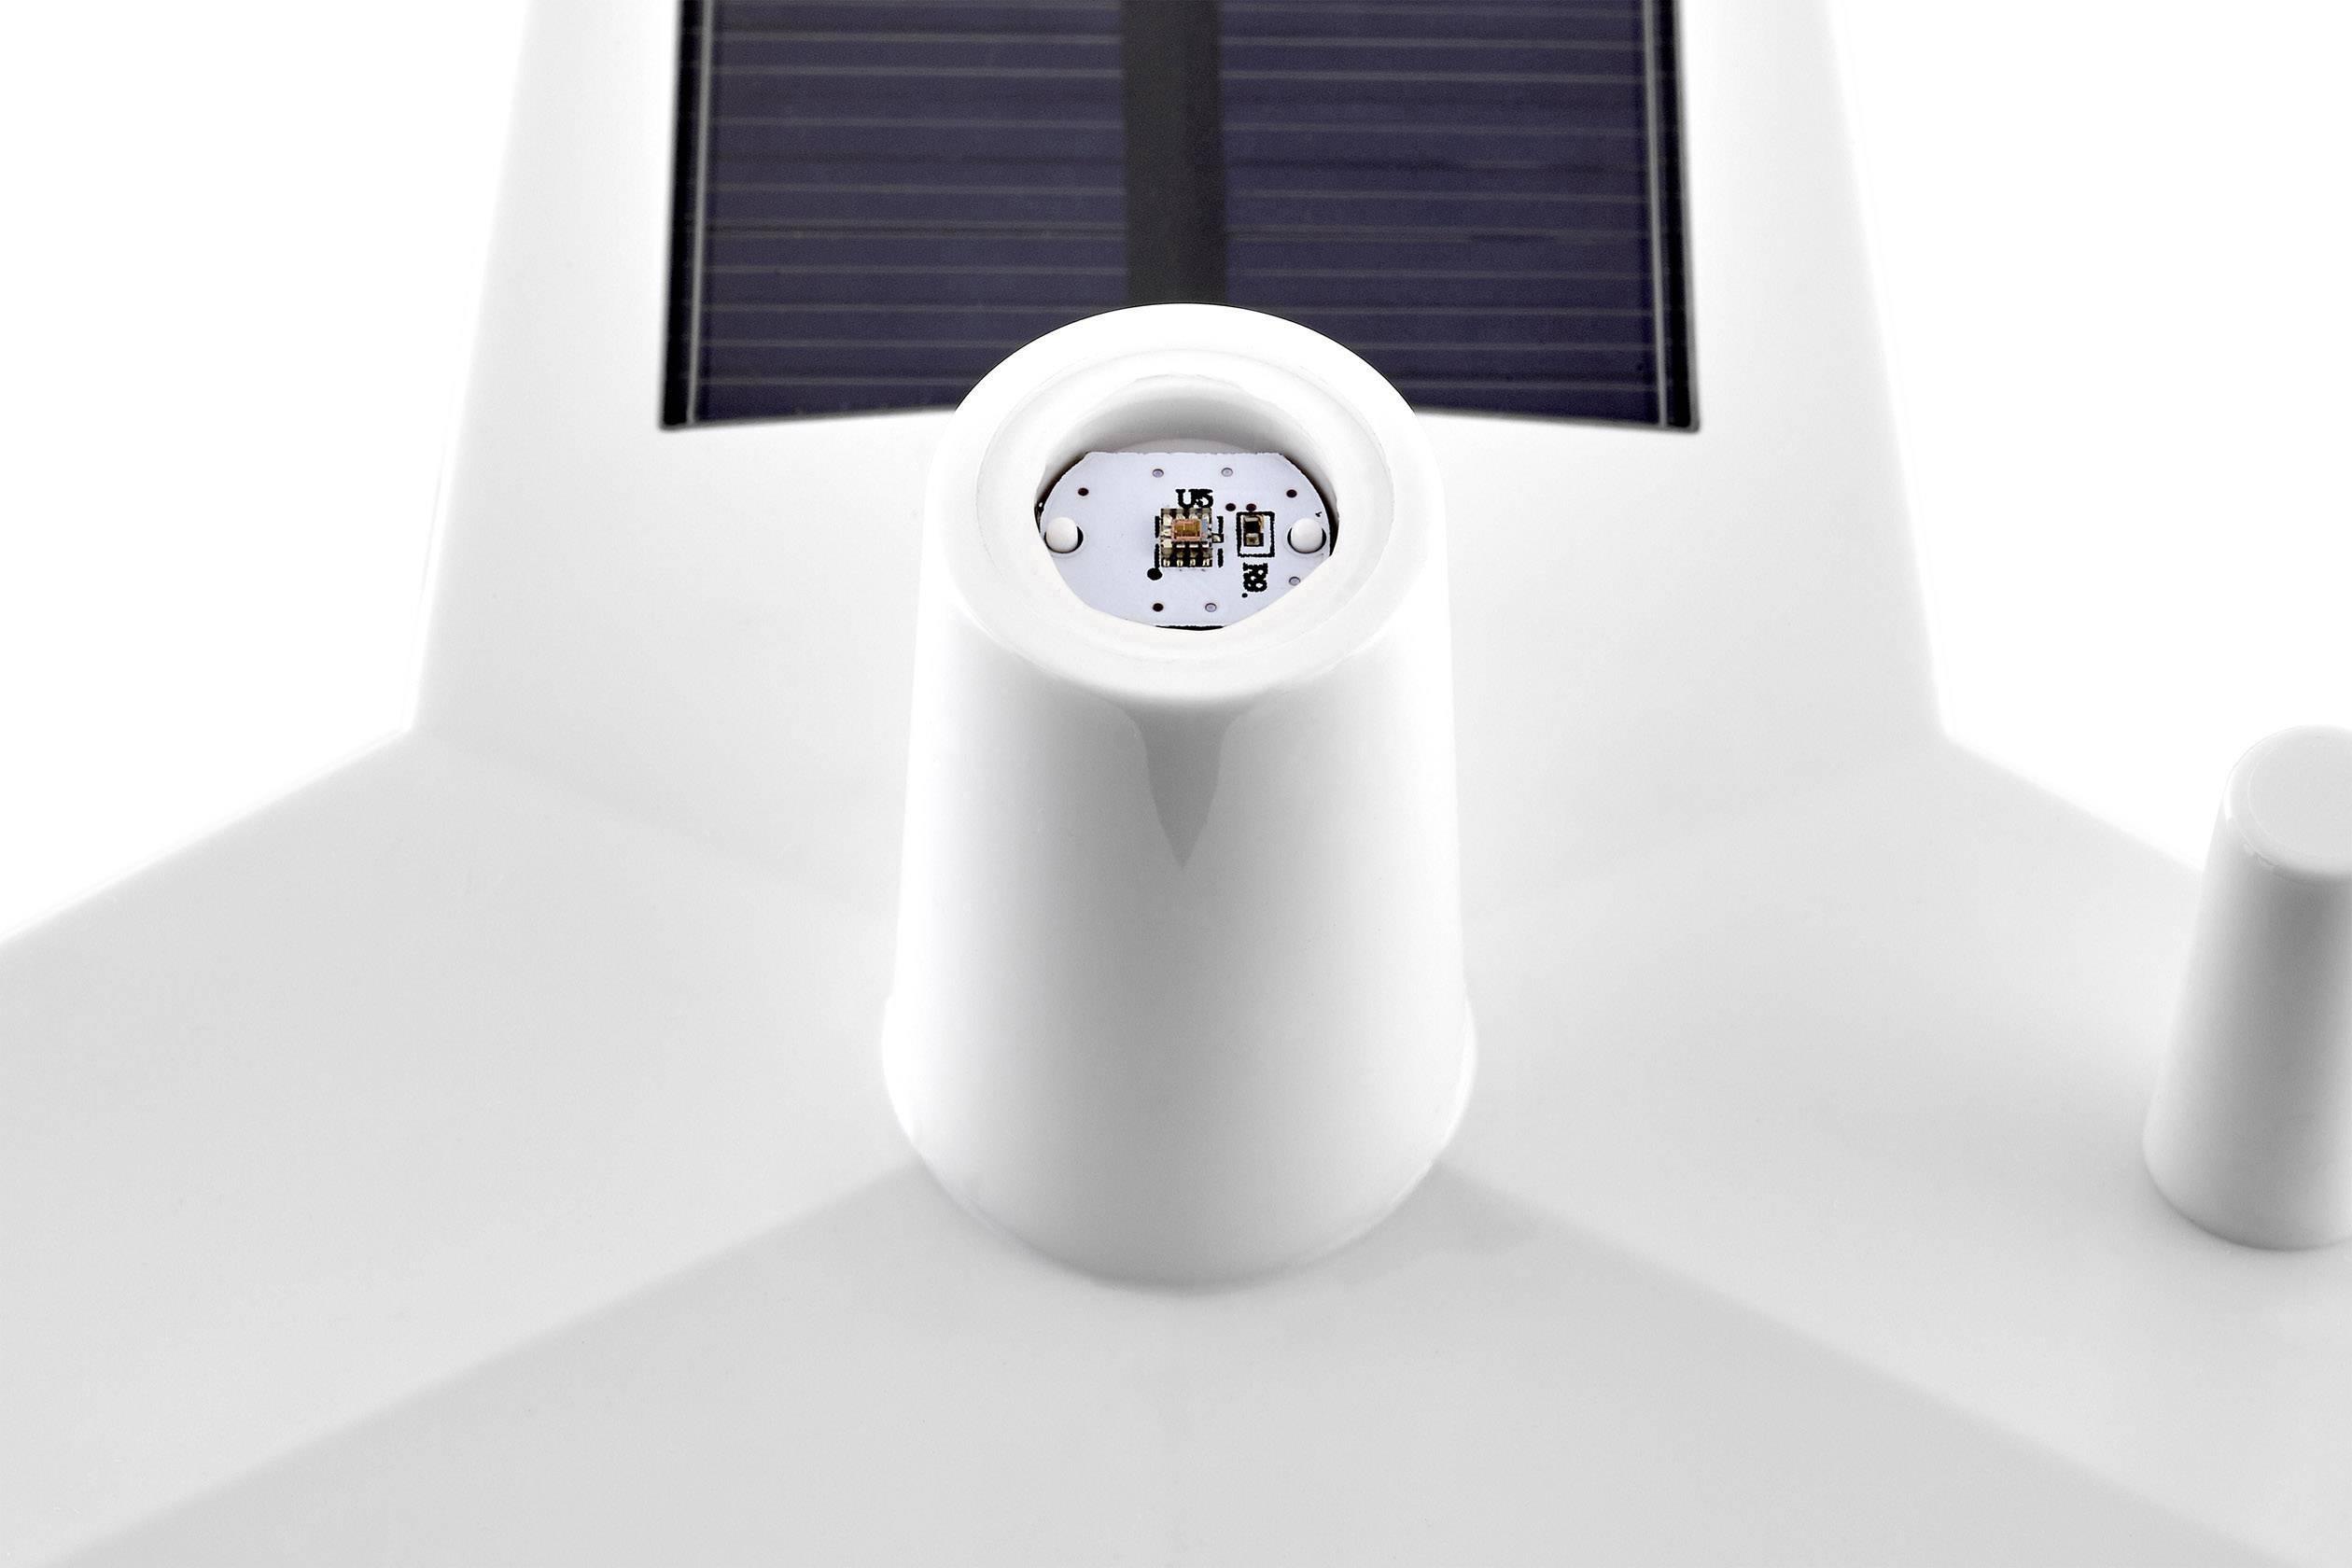 Digitální bezdrátová meteostanice s Wi-Fi Eurochron EFWS 2900, Max. dosah 100 m, černá